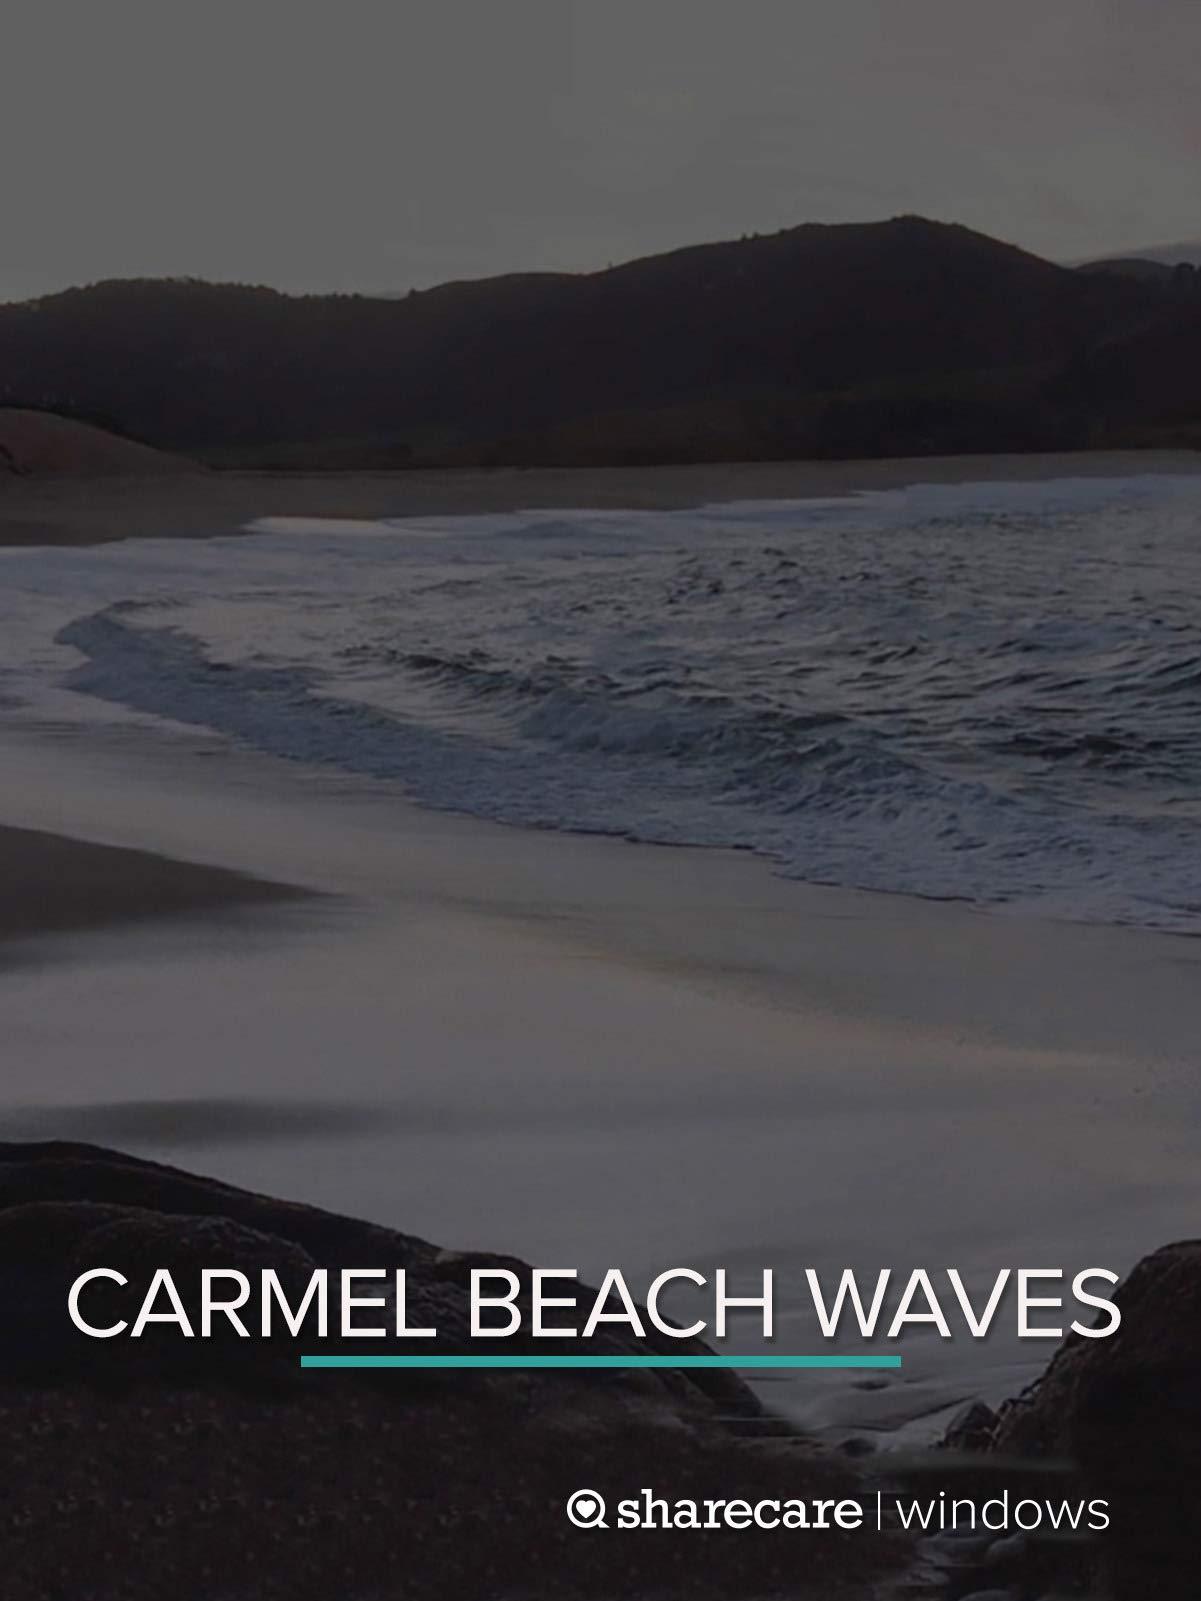 Carmel Beach Waves for sleep